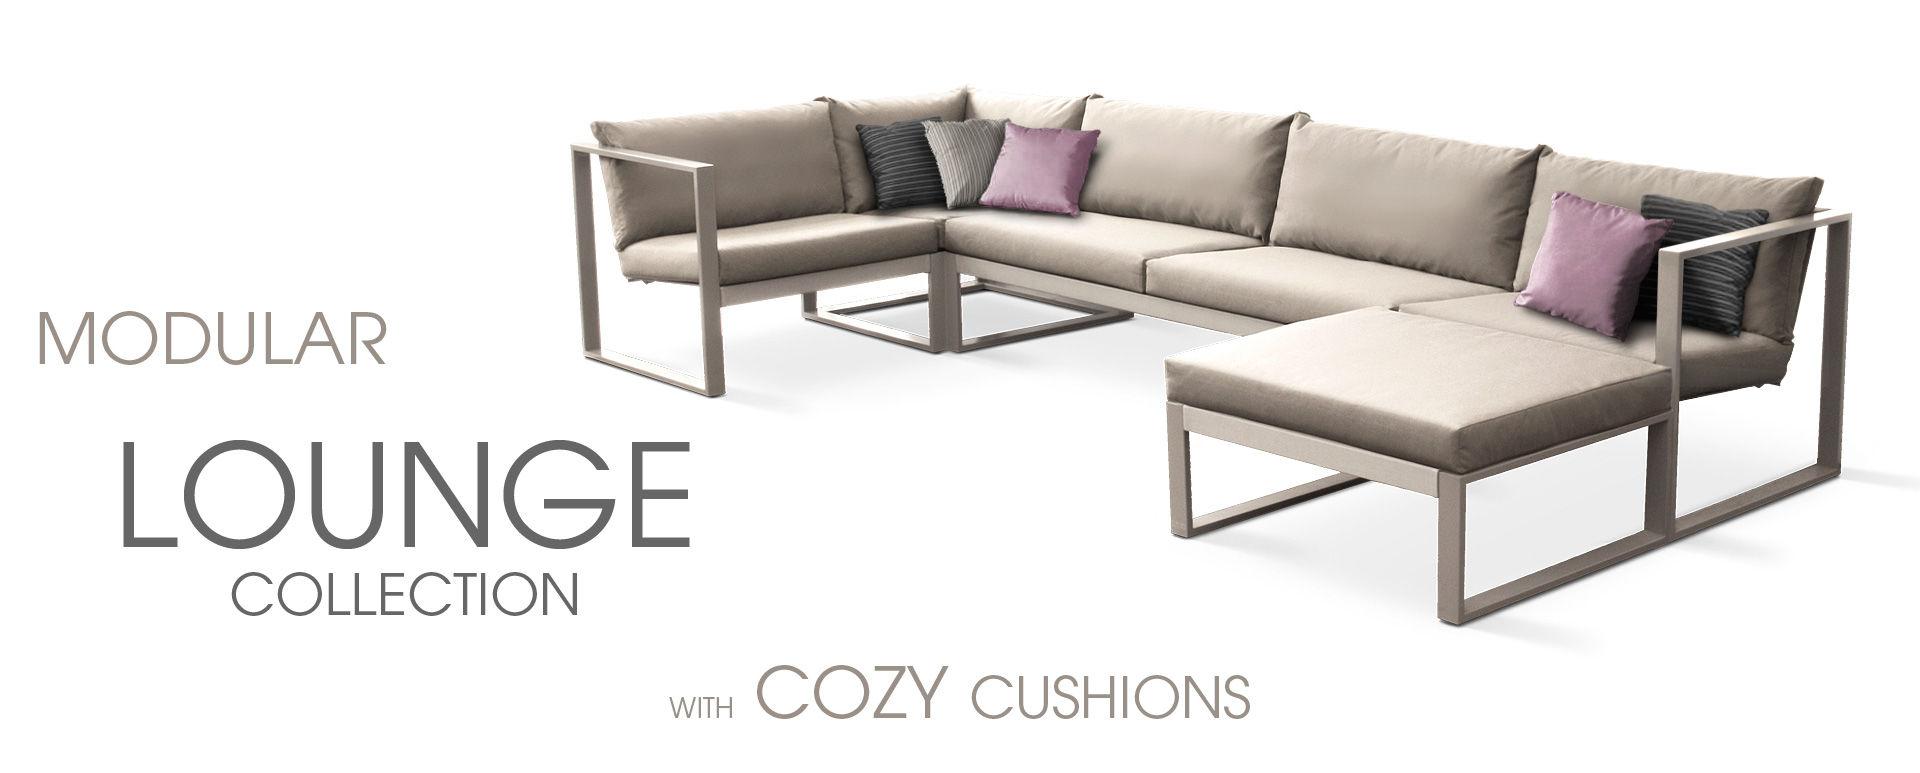 FueraDentro - Outdoor Design Furniture